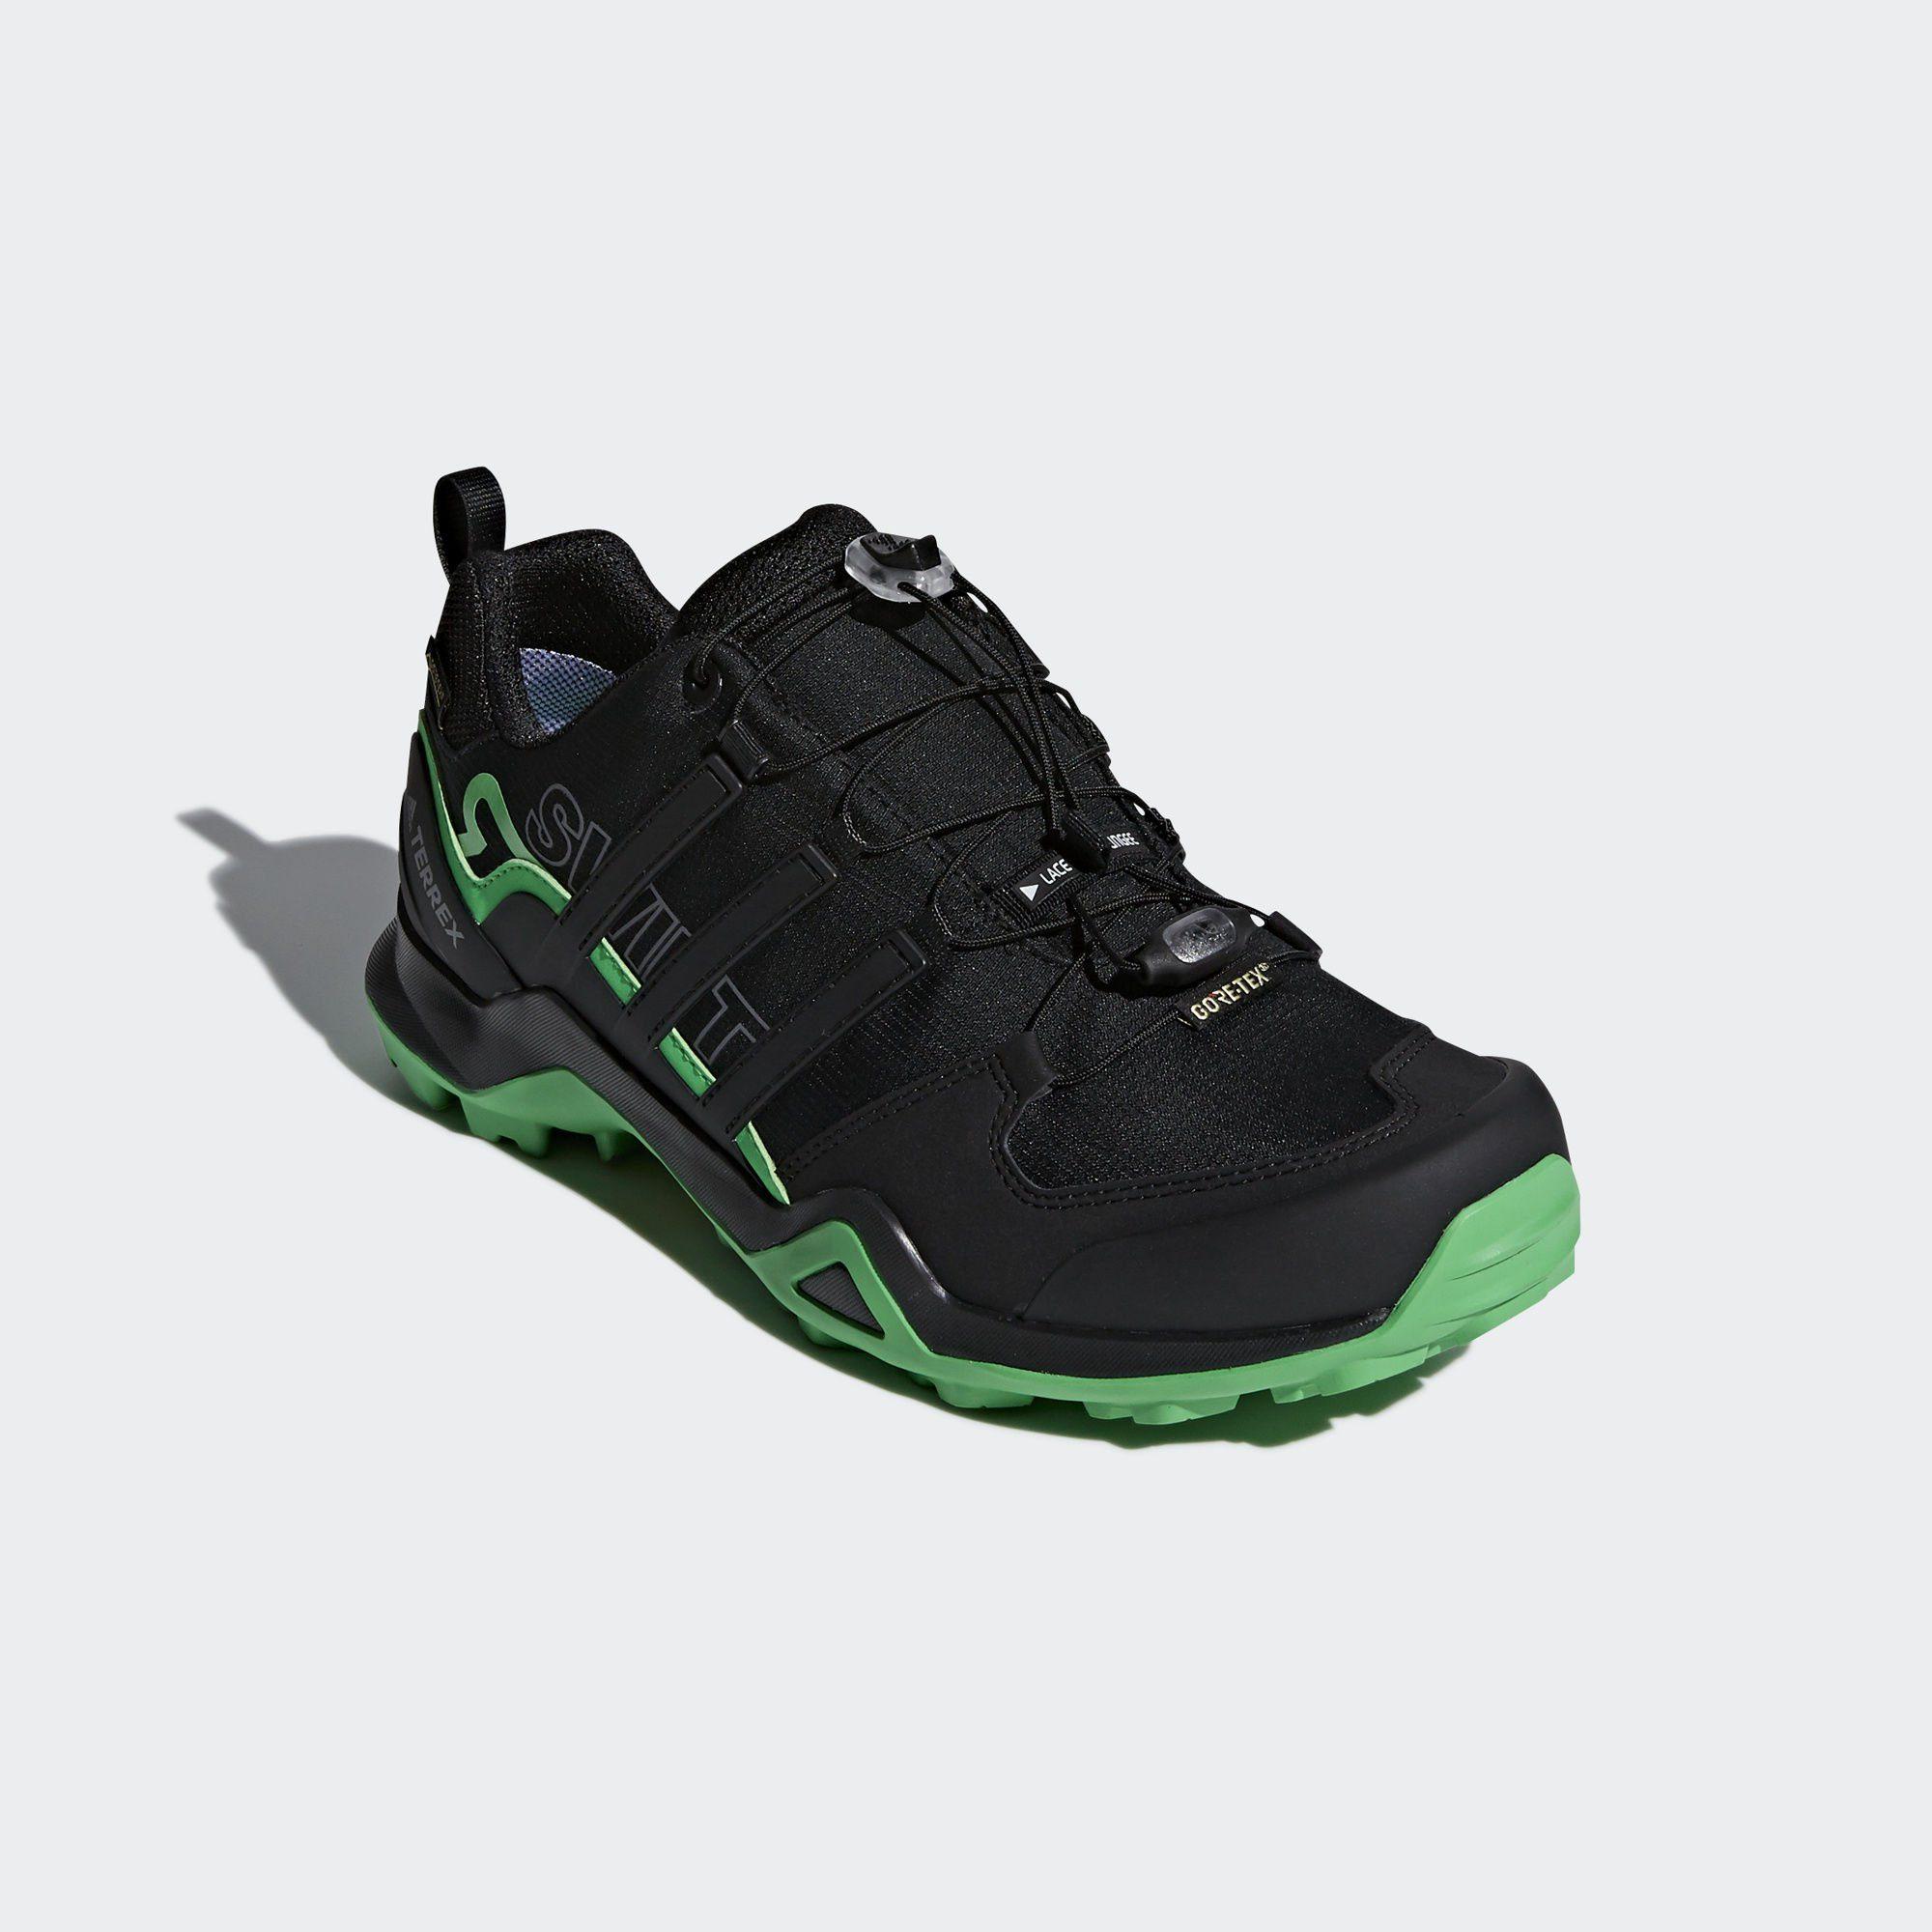 adidas Performance TERREX Swift R2 GTX Schuh Outdoorschuh online kaufen  black